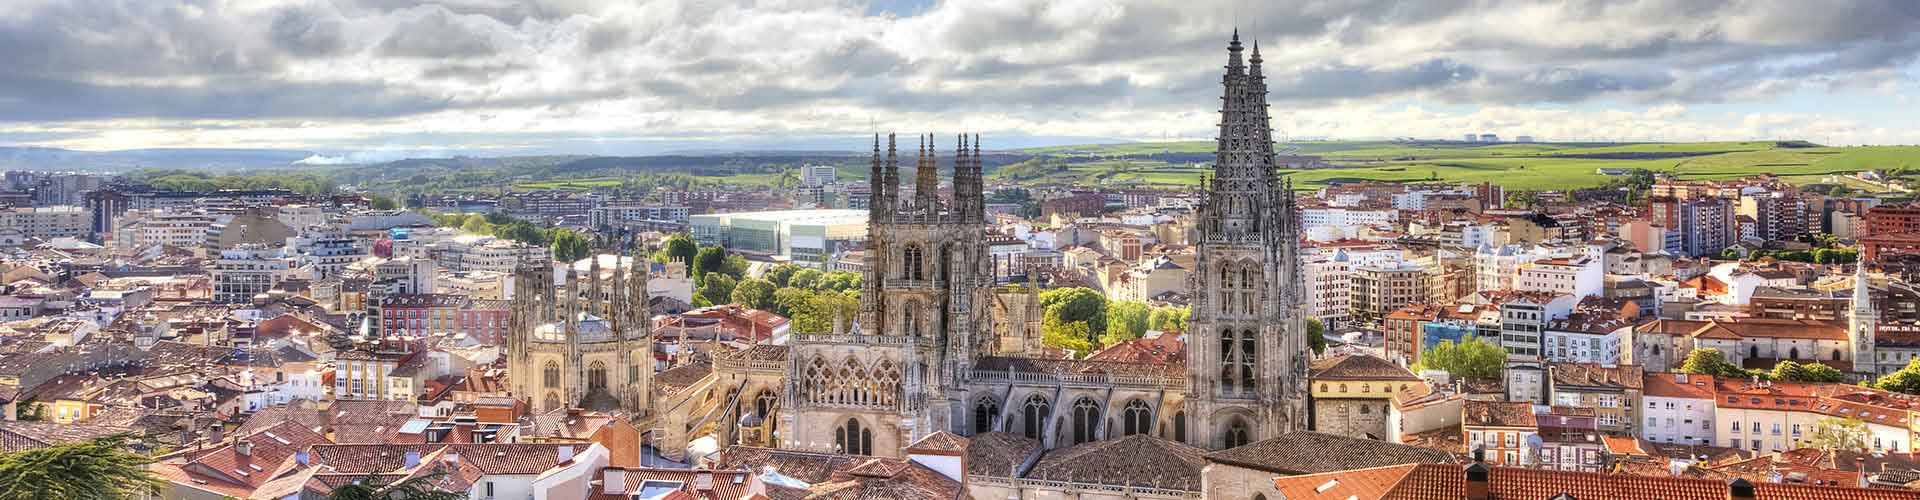 Burgos - Campamentos en Burgos. Mapas de Burgos, Fotos y comentarios de cada Campamento en Burgos.